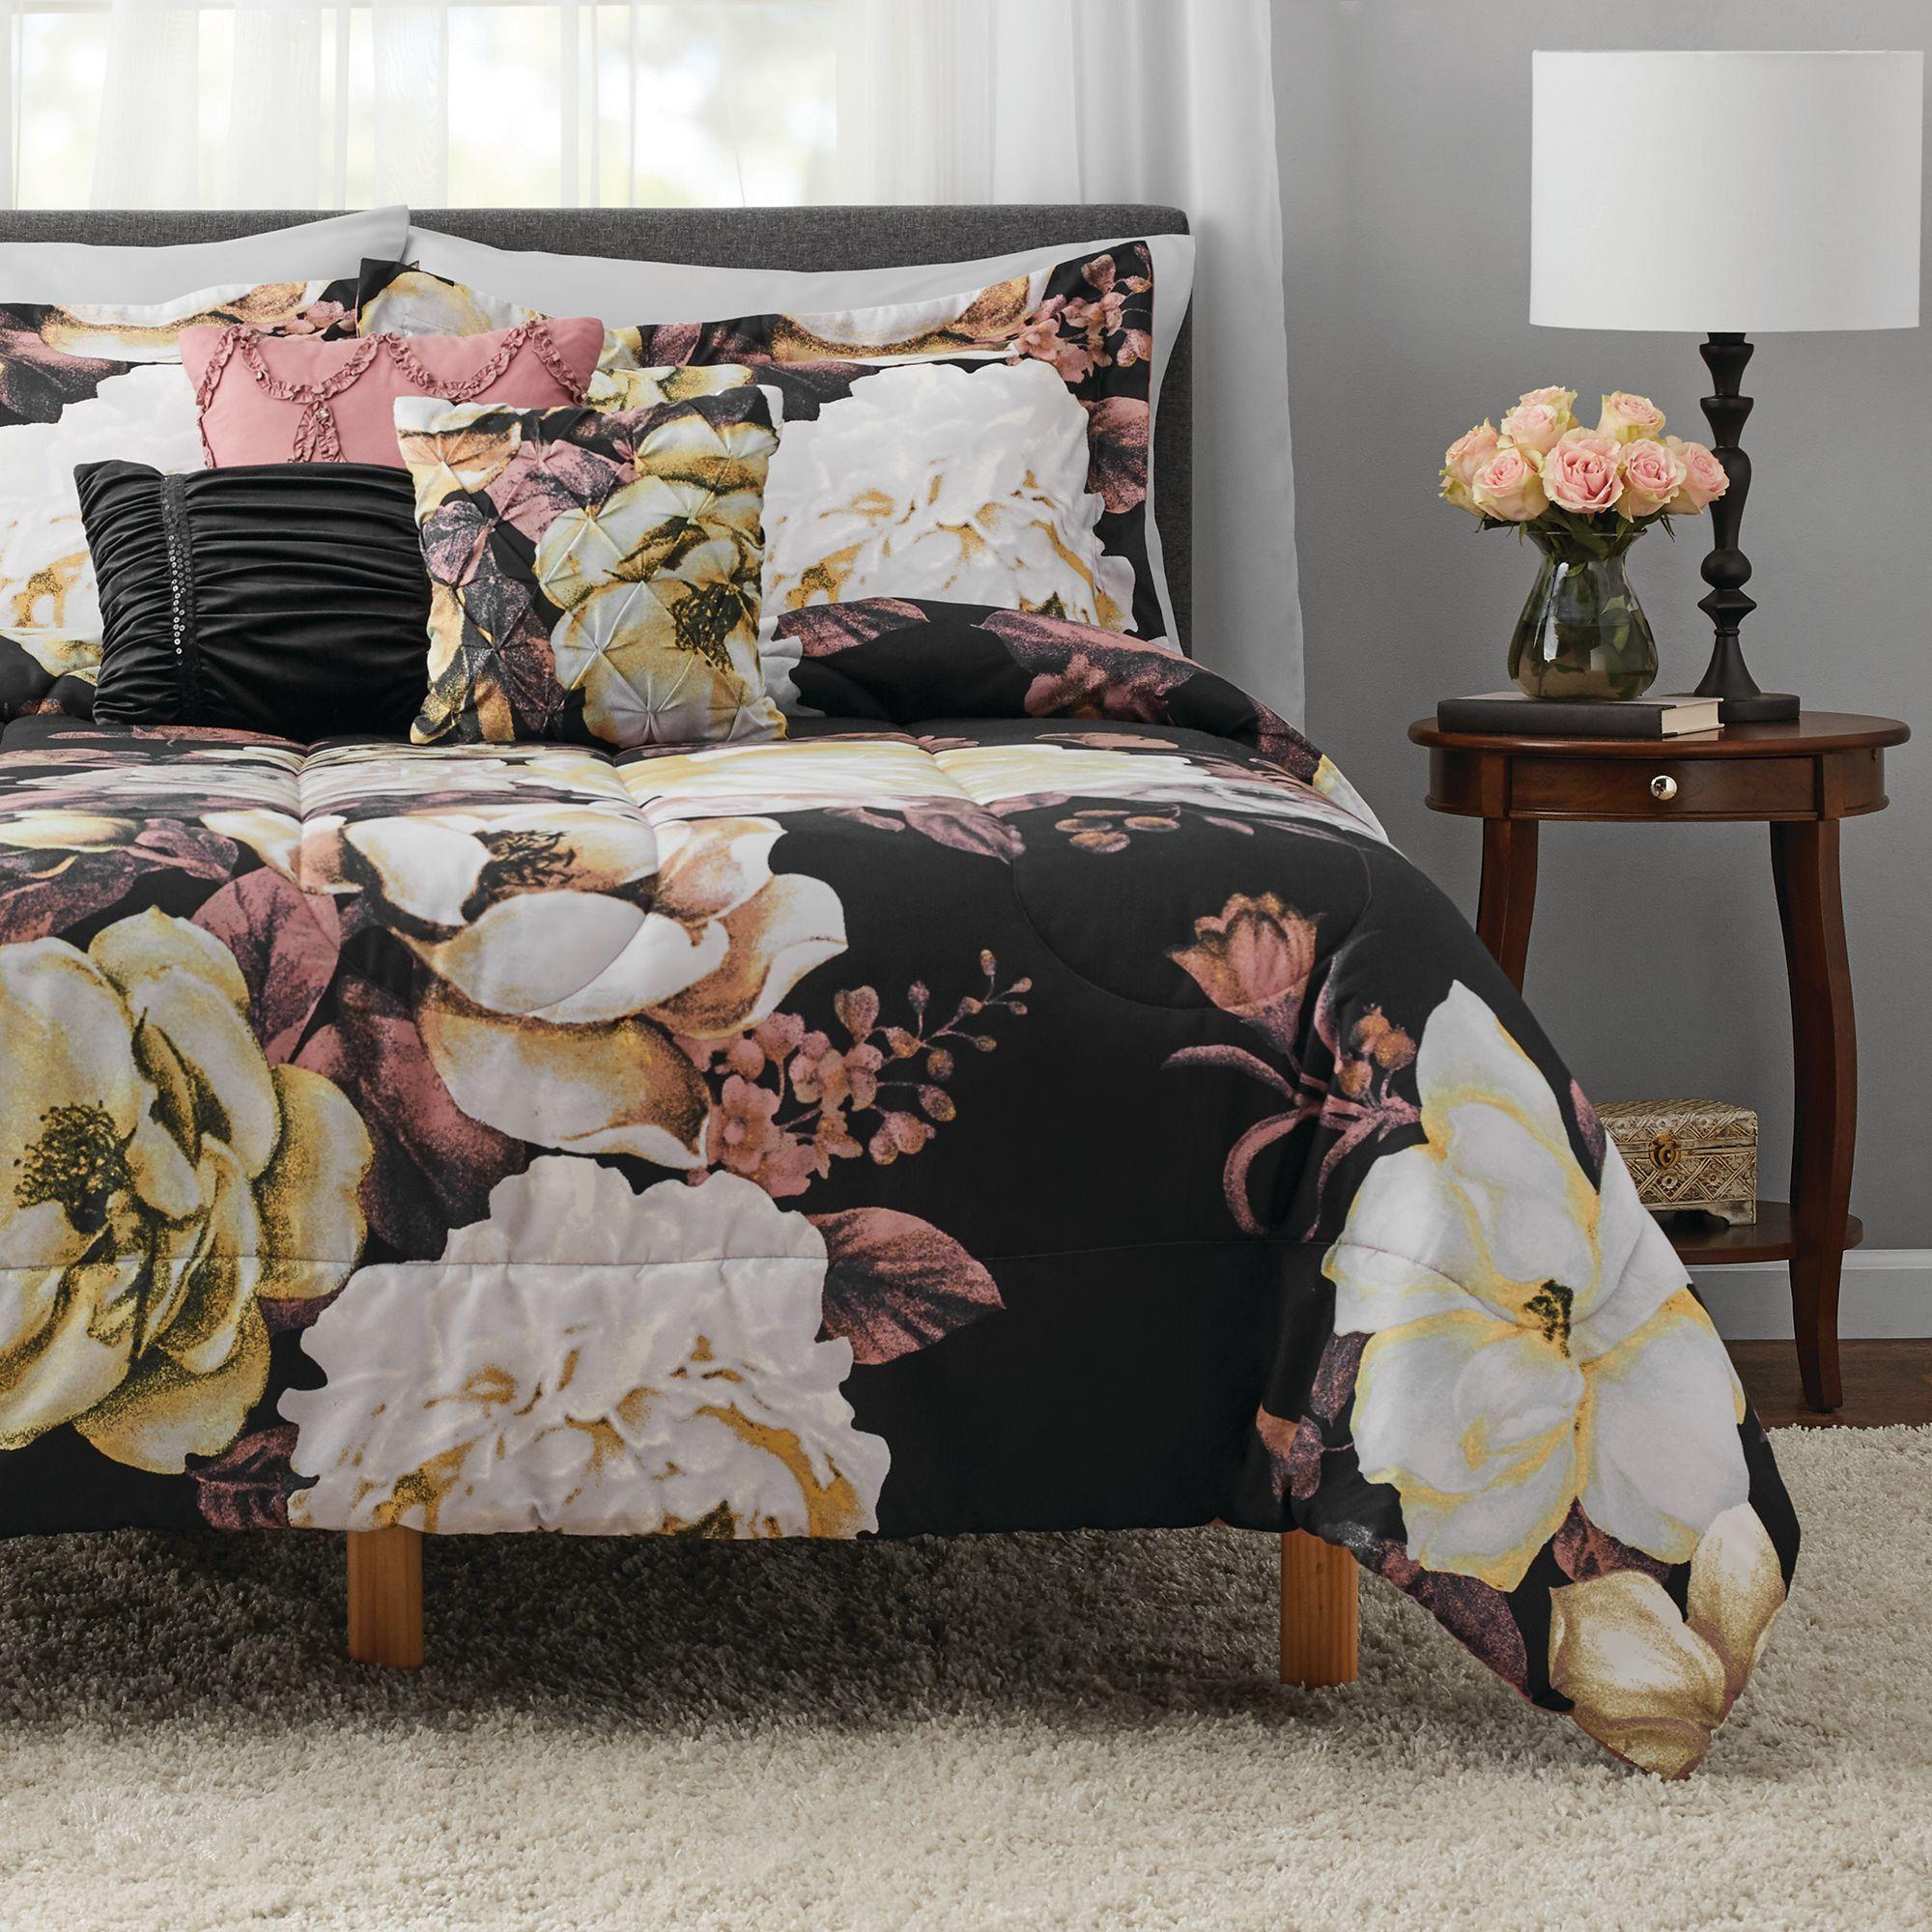 Mainstays Black Floral 8 Piece Bed In A Bag Set With Sheets Queen Walmart Com Floral Bedroom Black Bed Set Bedding Set